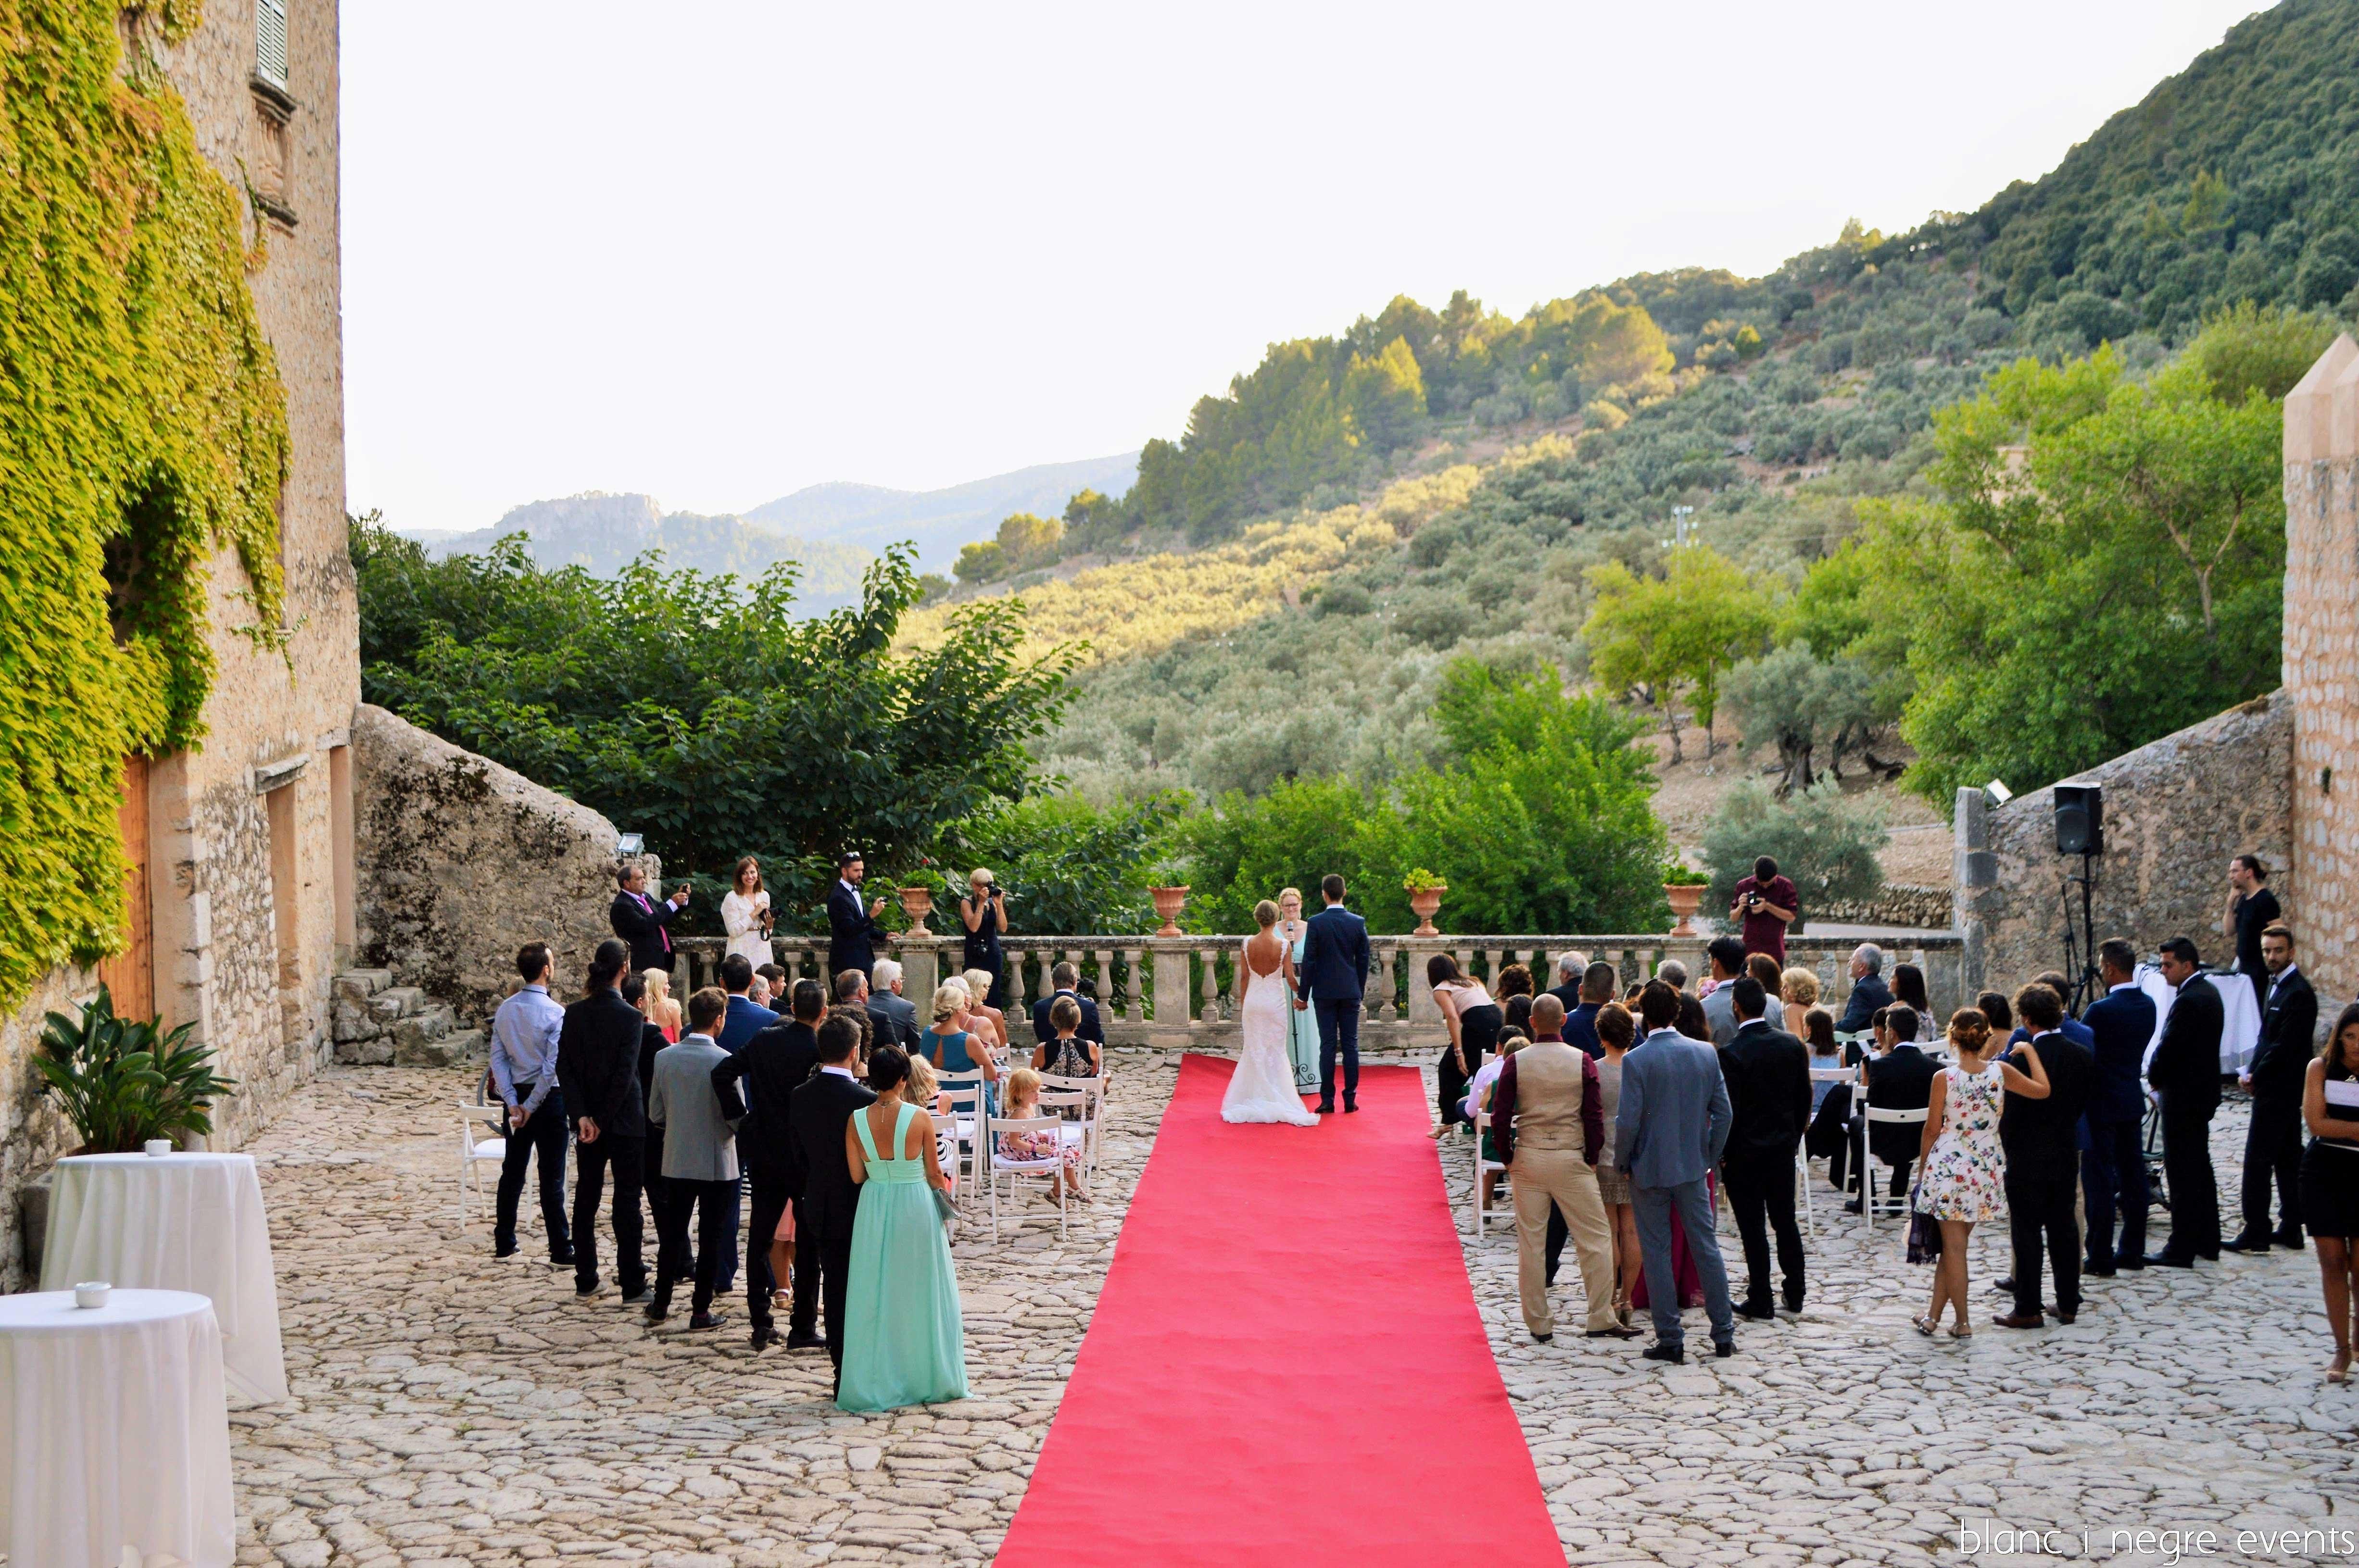 boda campestre blanc i negre events